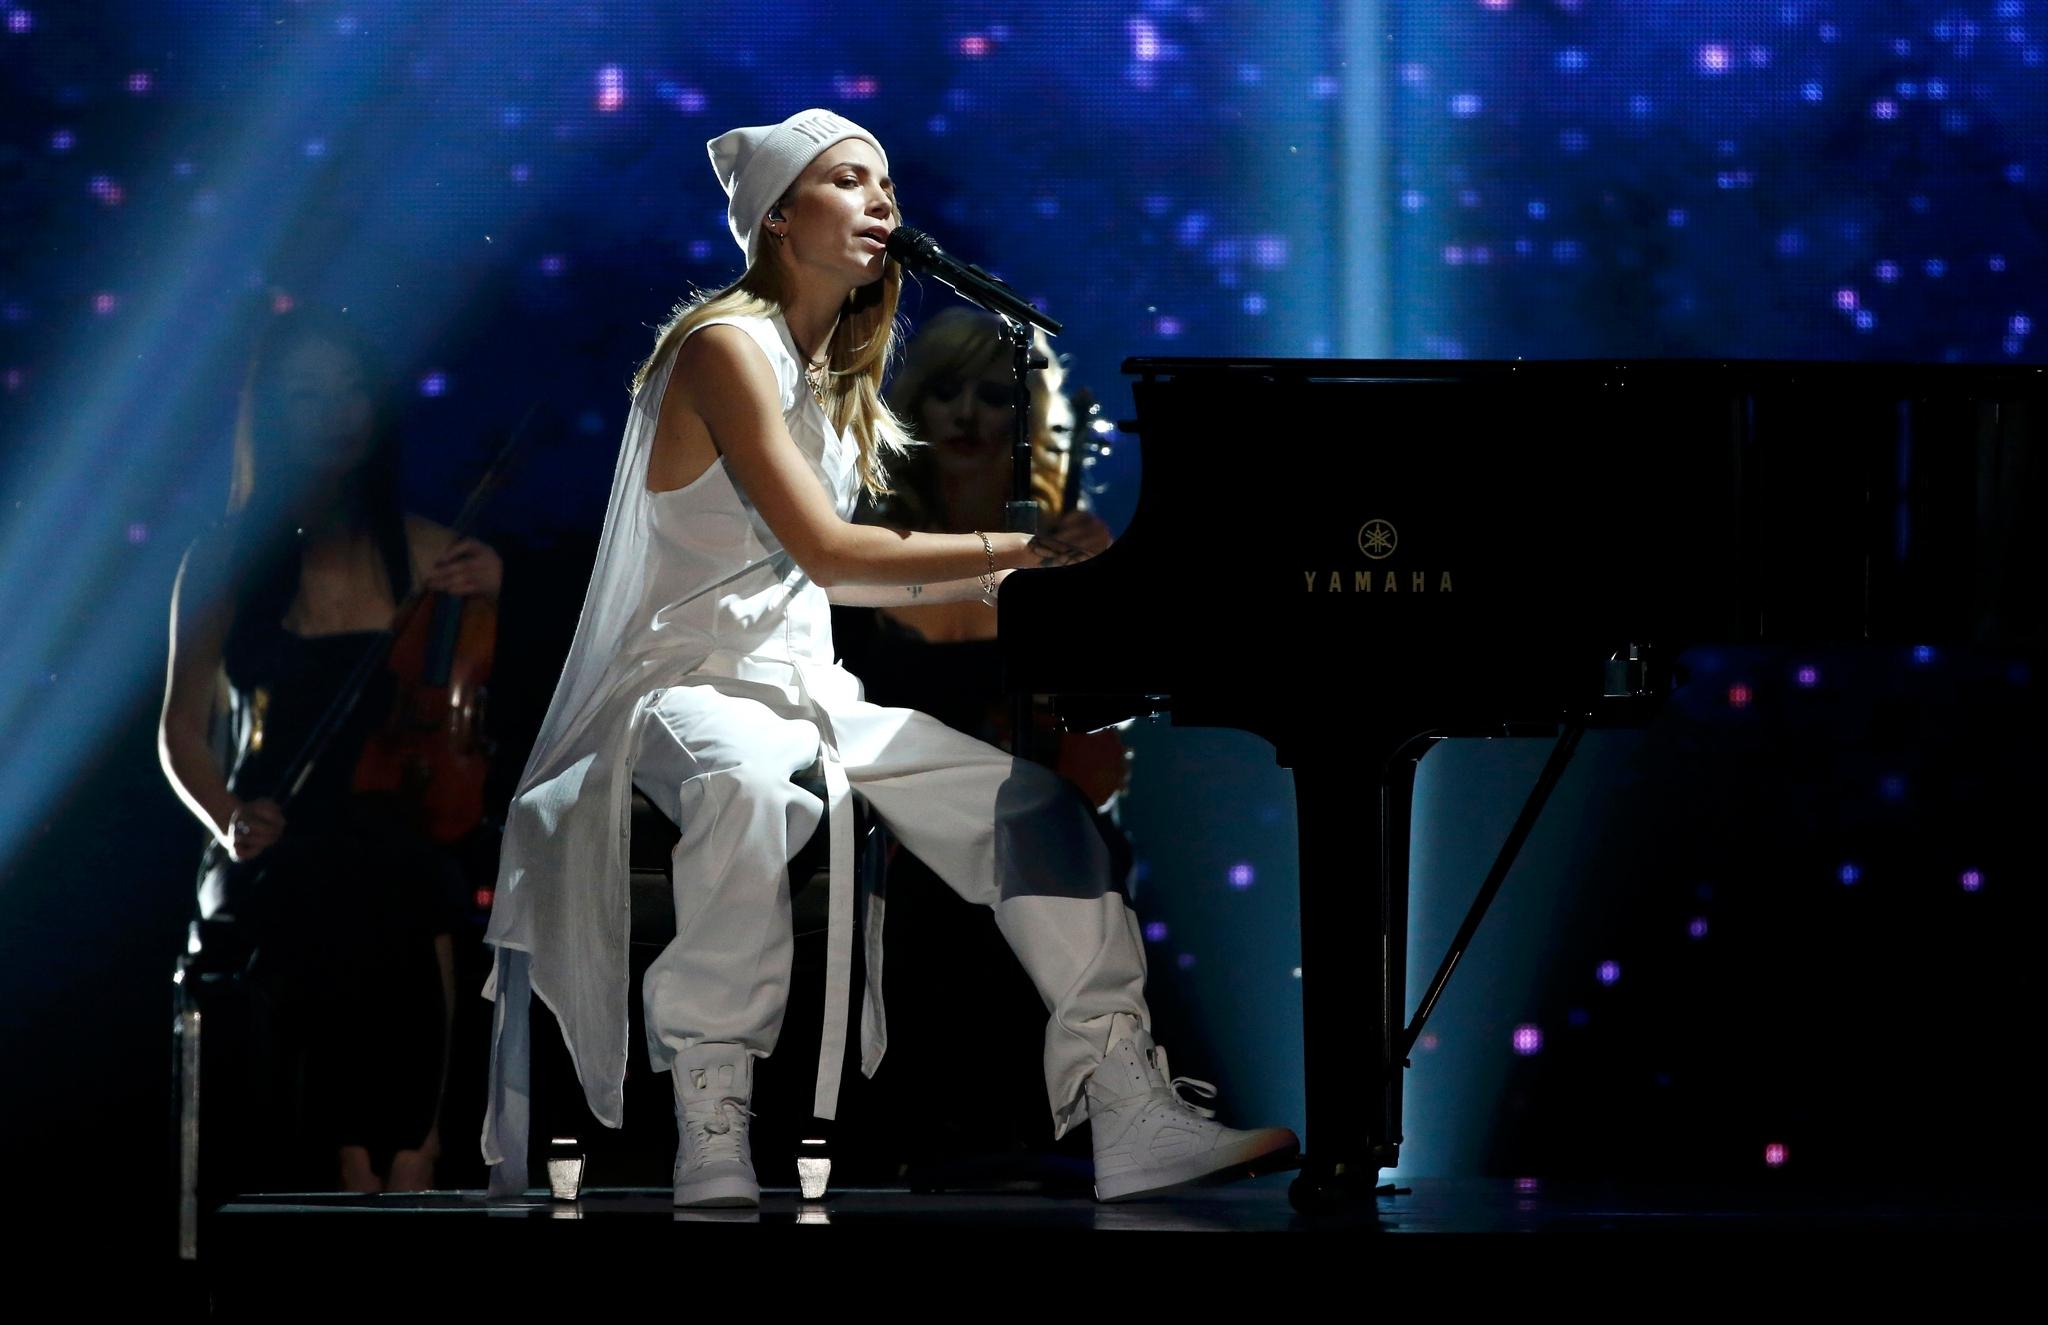 Skylar-Grey-na-kovrovoy-dorozhke-premii-AMA-23-noyabrya-2014-17.jpg